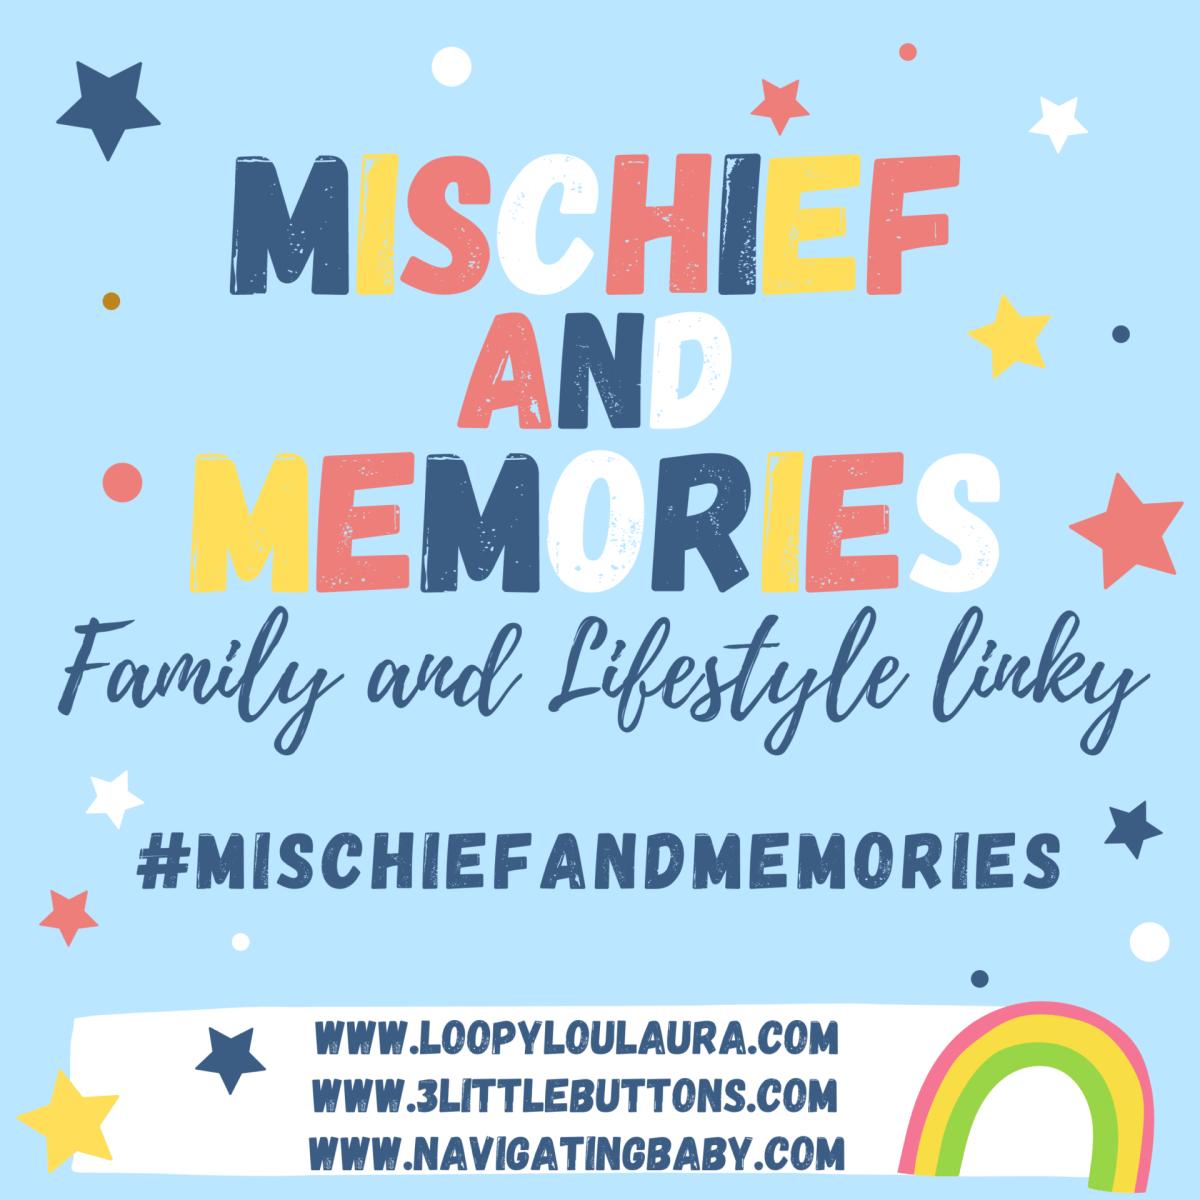 #mischiefandmemories